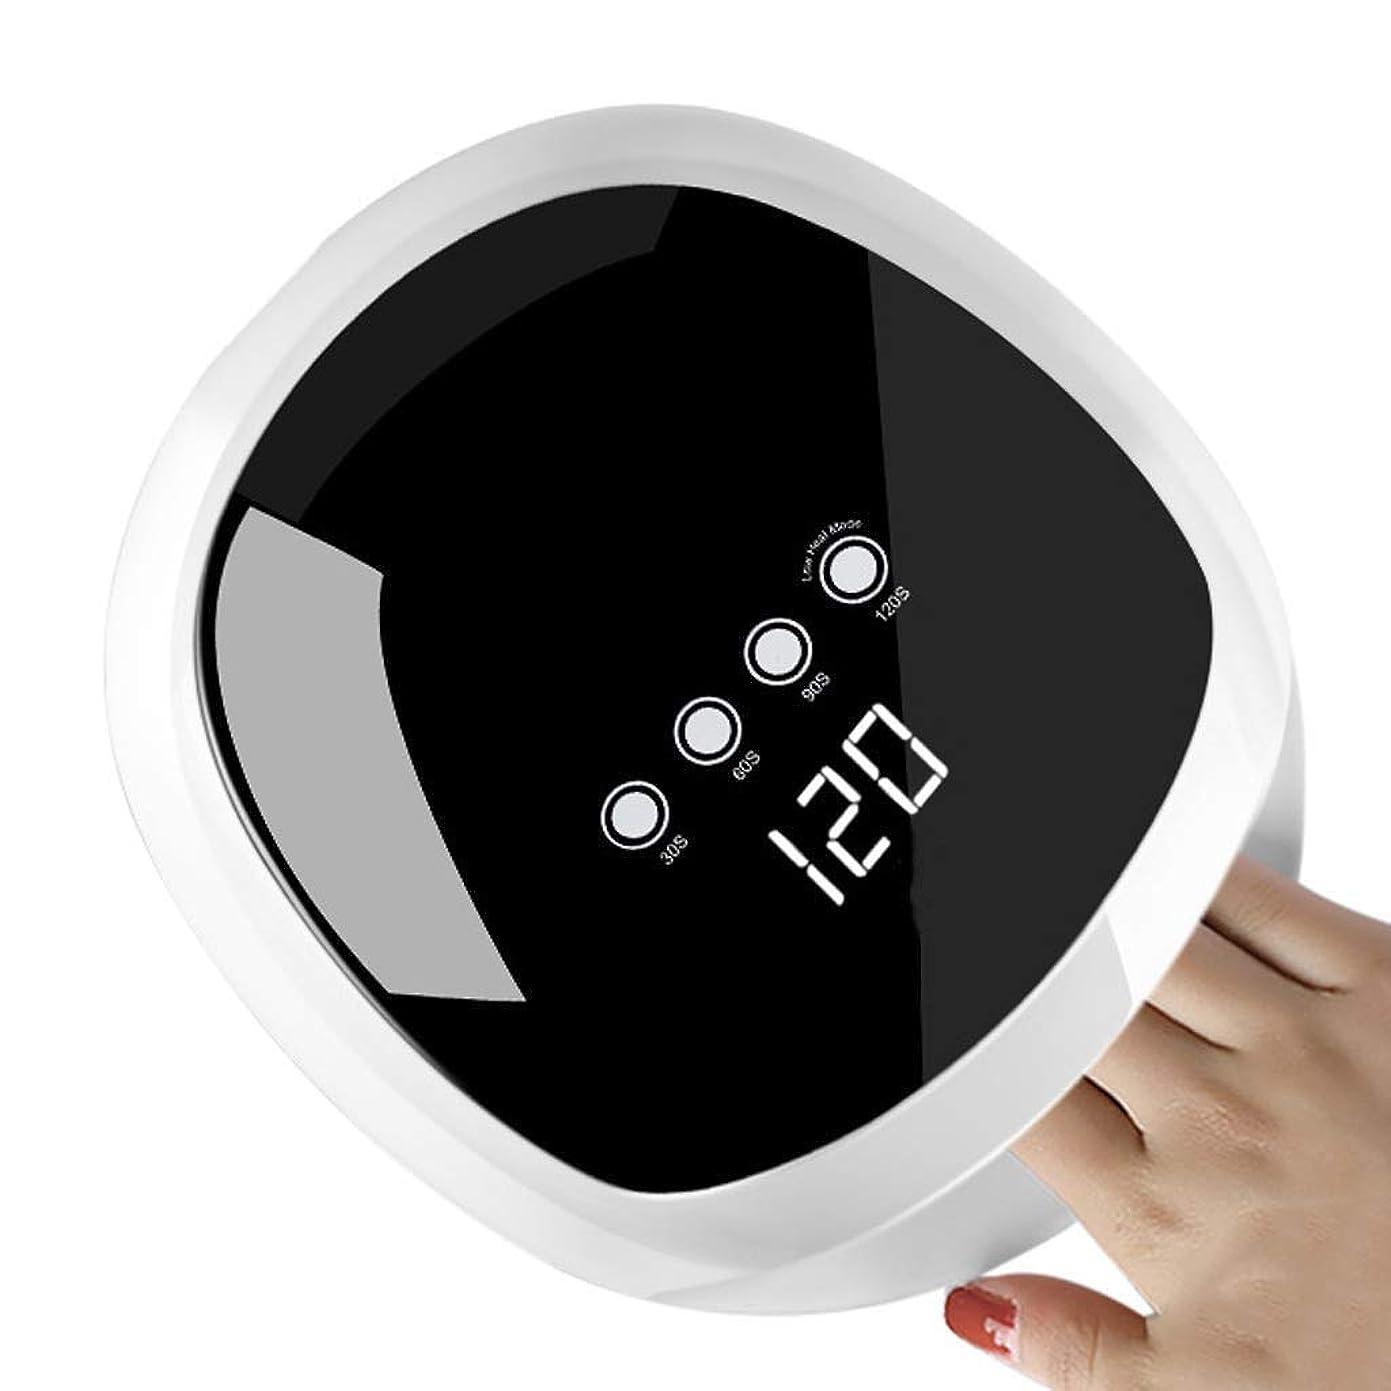 ウナギ下予定Yalztc-zyq16 4タイマー設定のネイルランプ、ジェルネイル、トゥネイル用ハイパワークイックドライオールグルー (色 : 白)